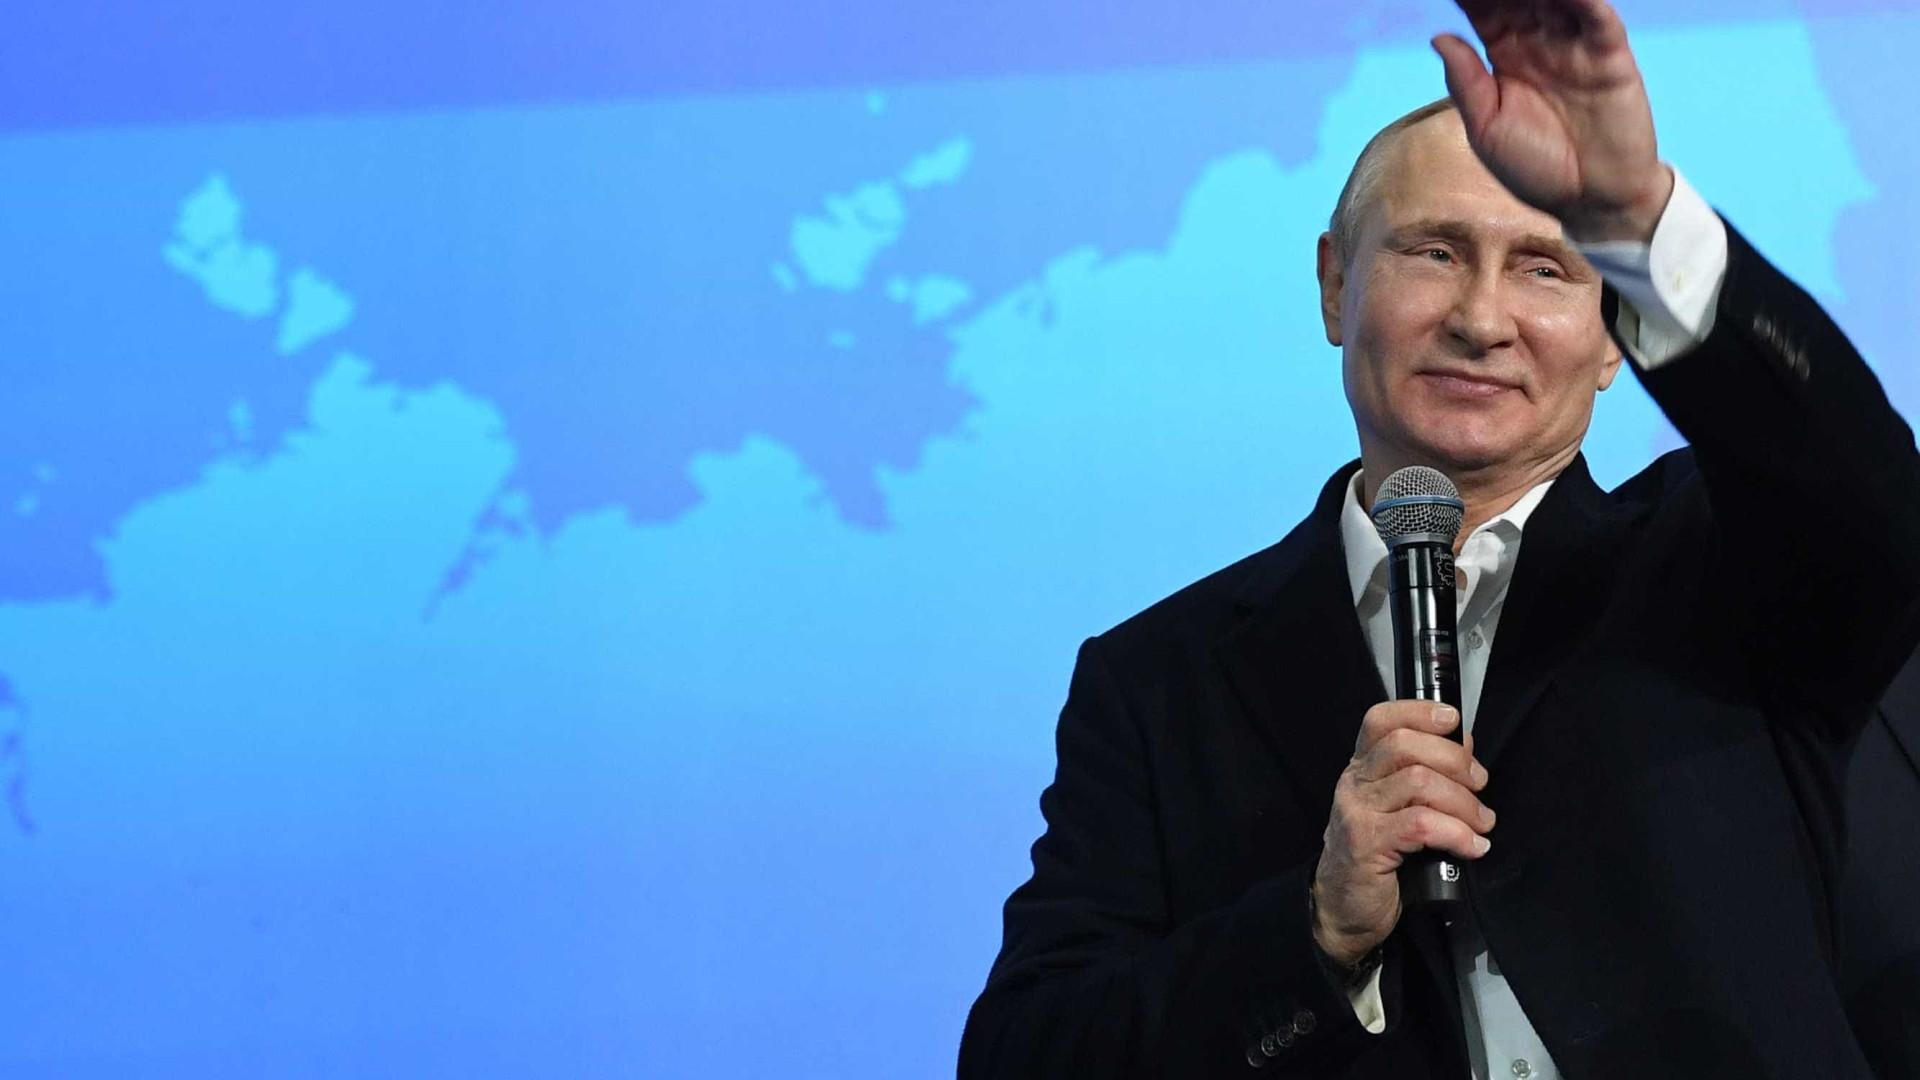 Vladimir Putin proclama vitória perante milhares de apoiadores